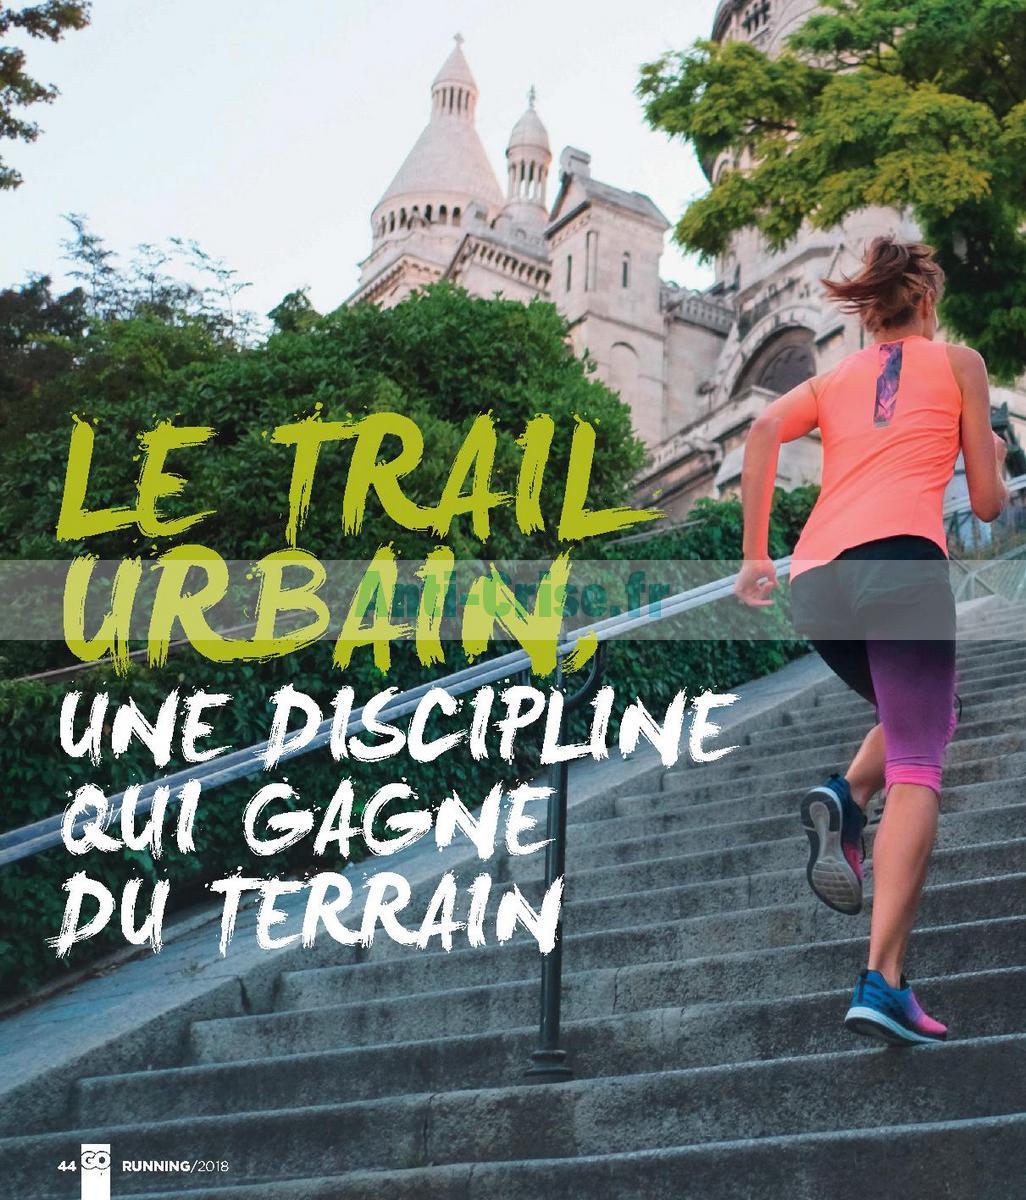 septembre2018 Catalogue Go Sport du 28 avril au 21 septembre 2018 (Running) (44)